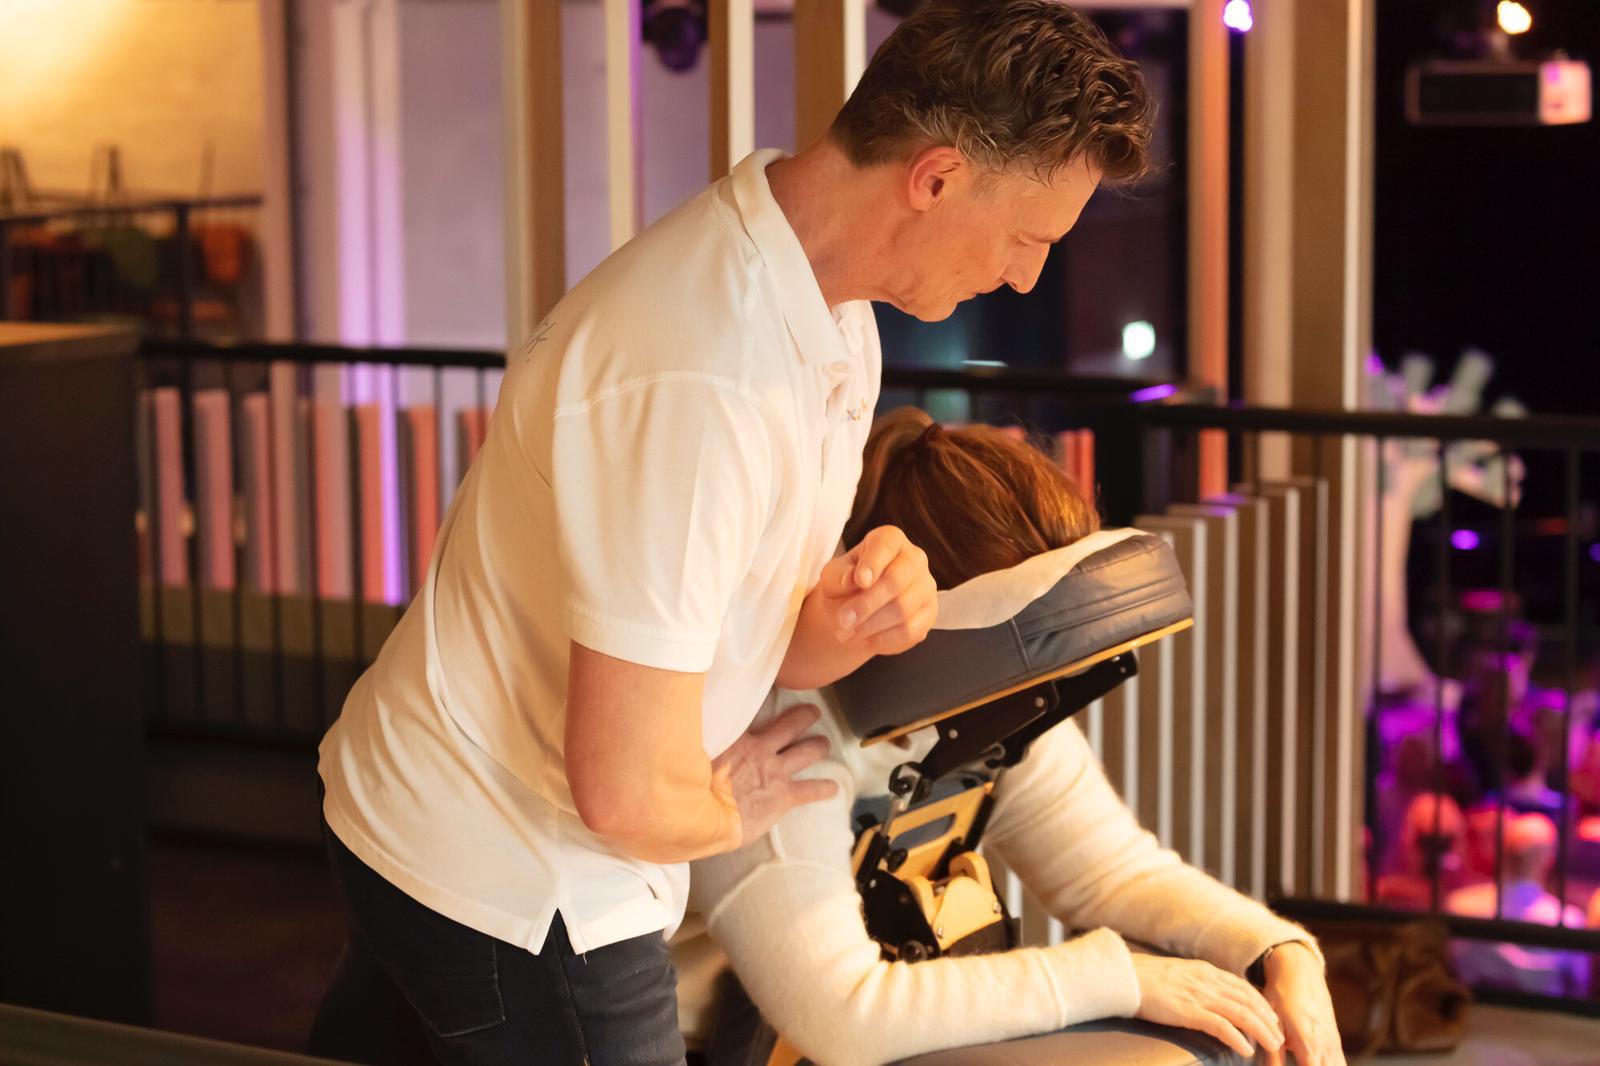 Stoelmassage wordt rdoor Juul gegeven aan een klant